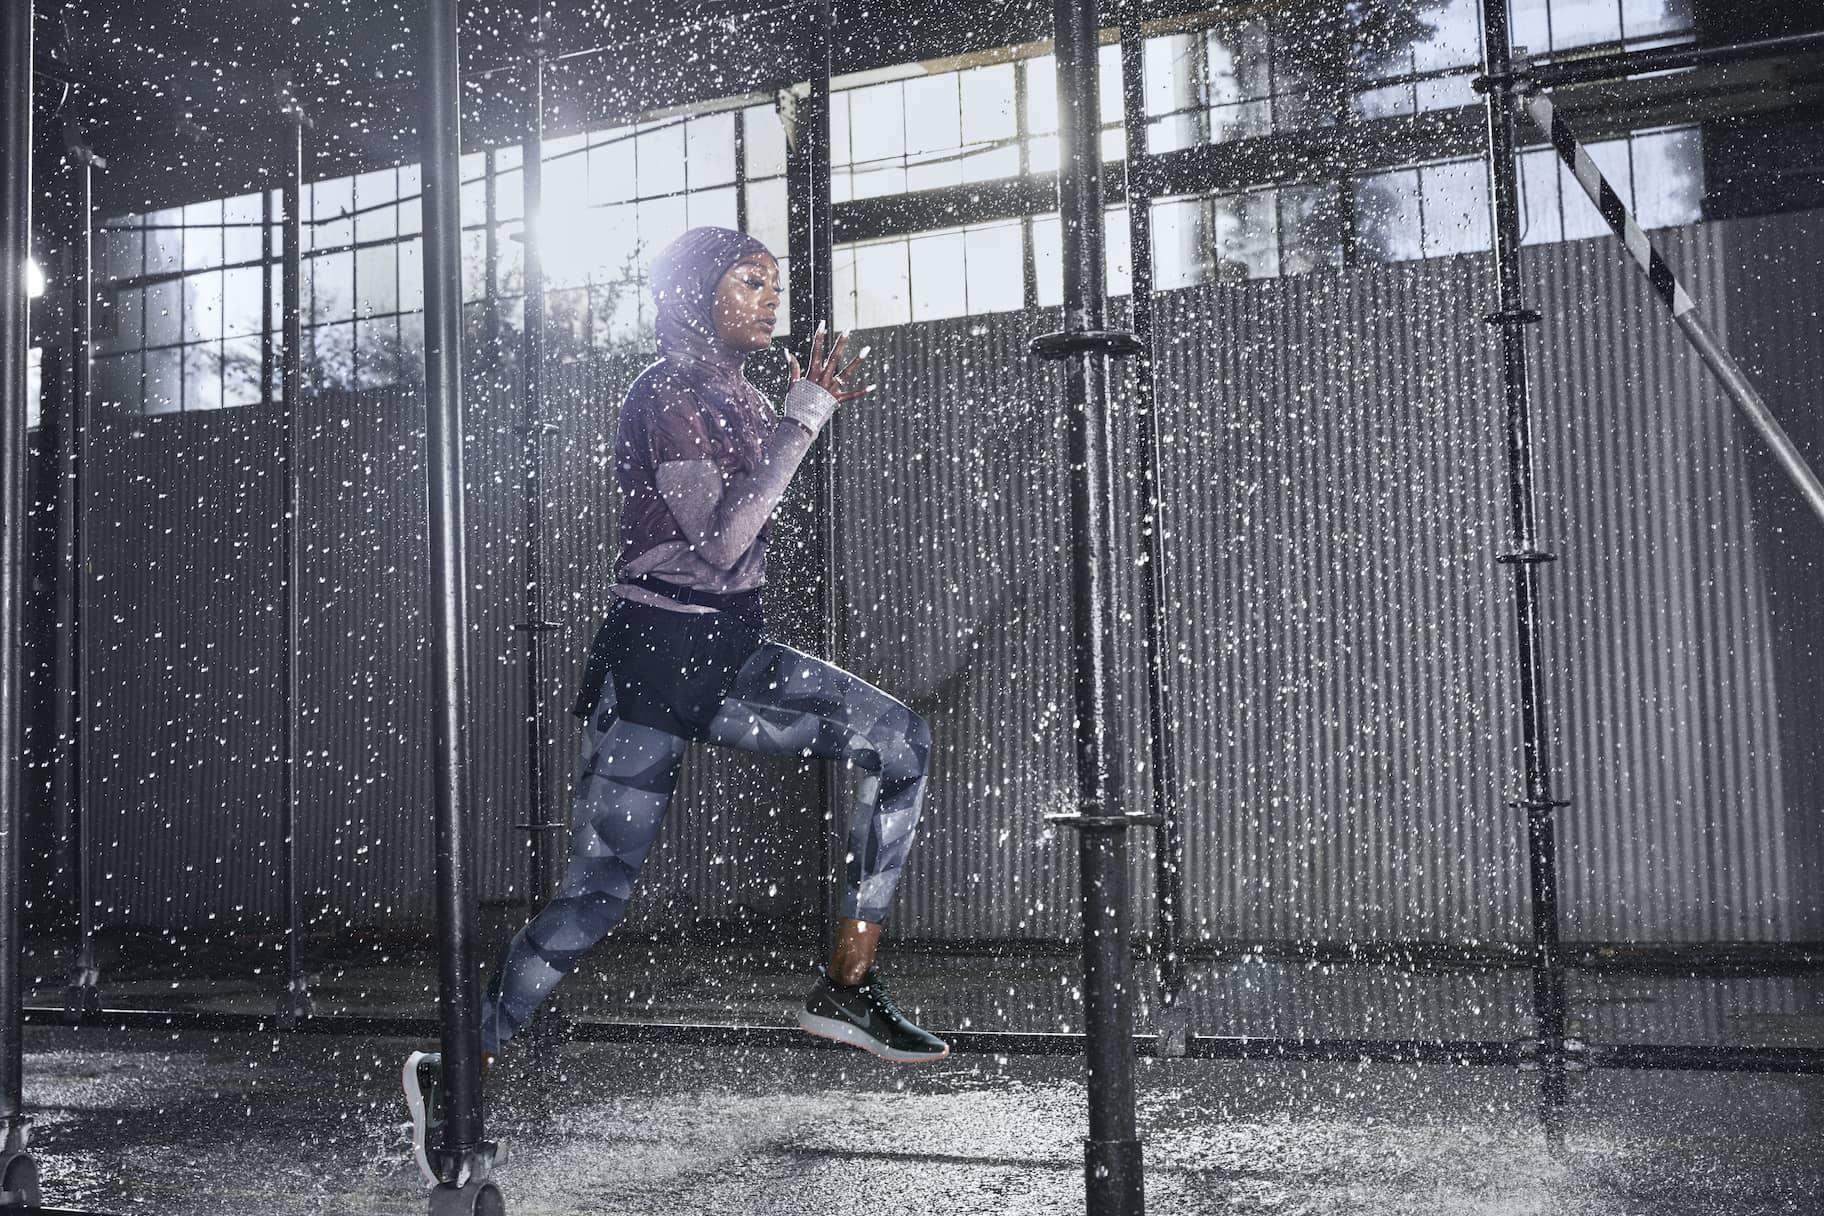 อุปกรณ์วิ่งกันน้ำสำหรับการวิ่งในวันฝนตก